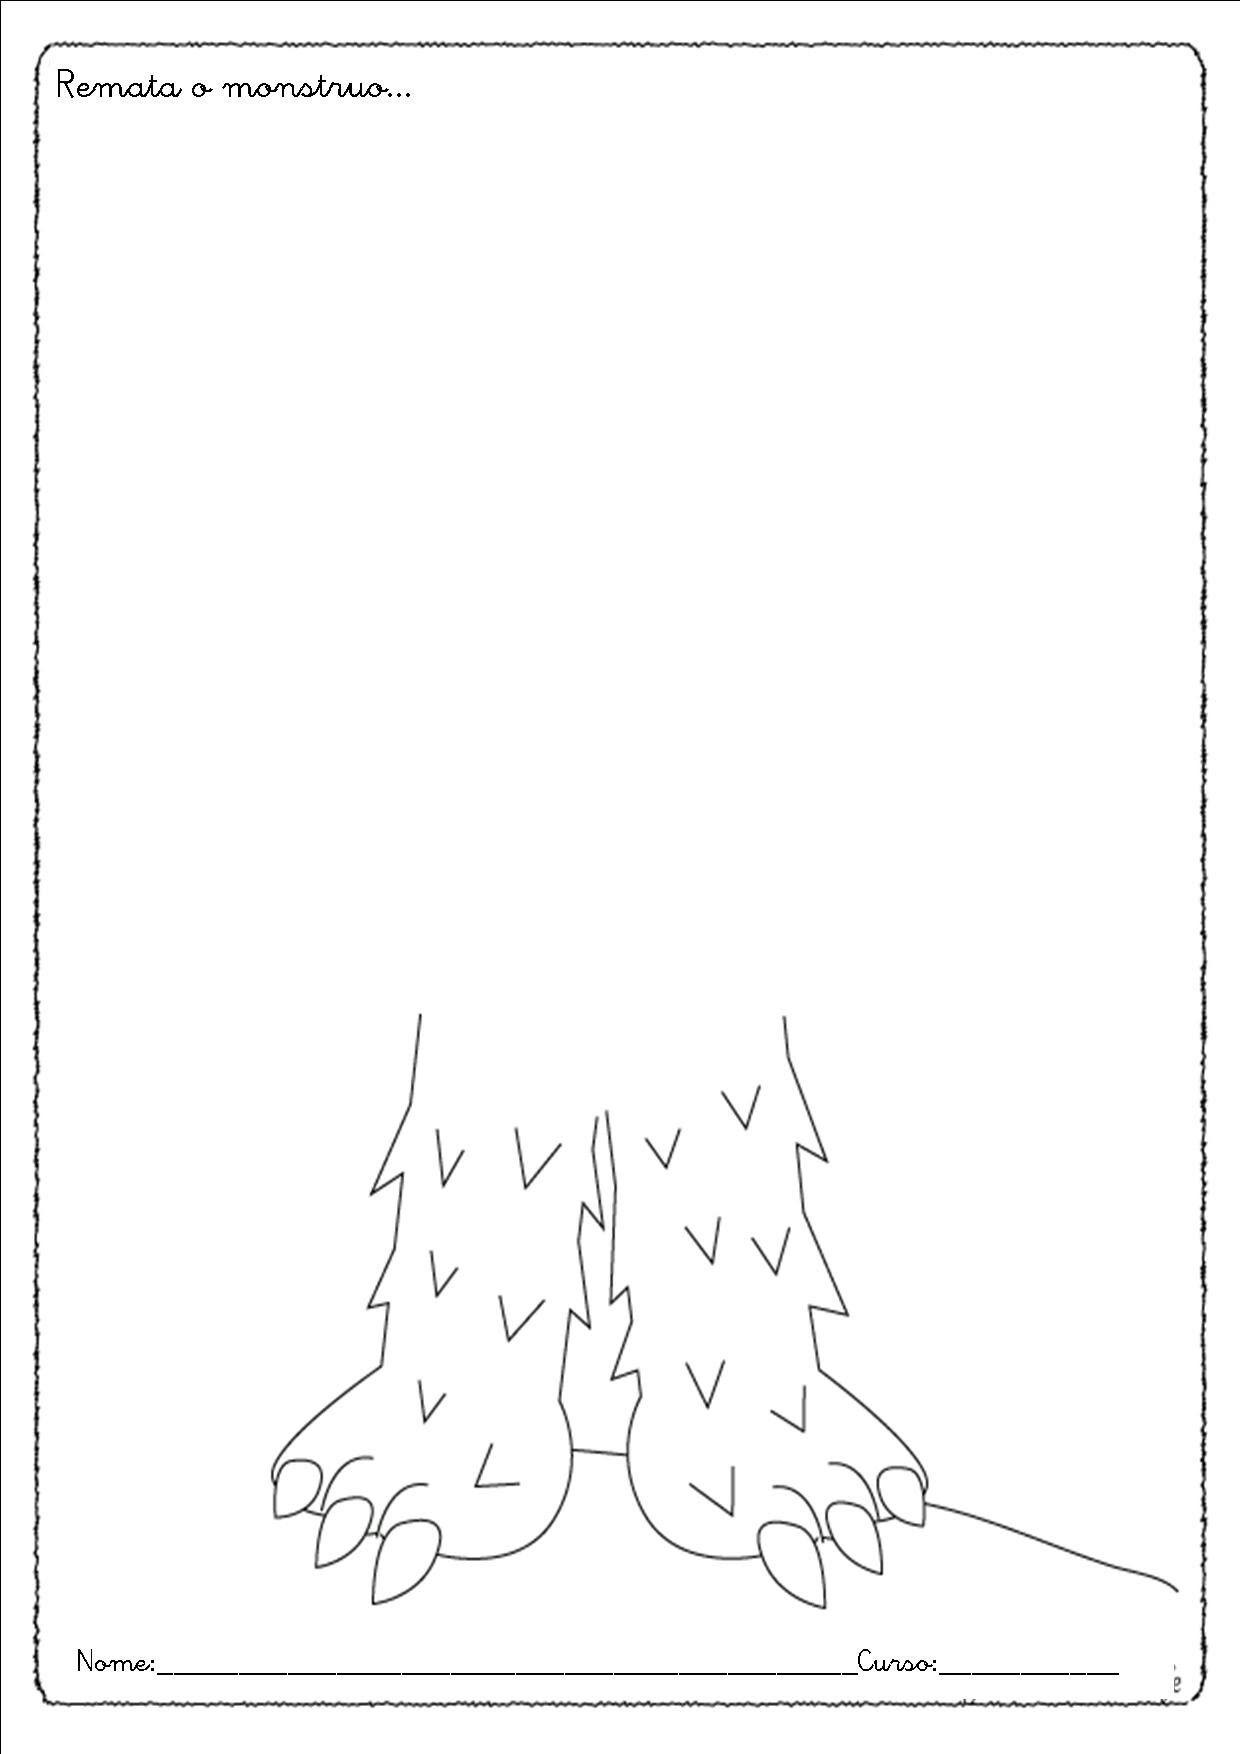 Pin On Dibujos Creativos [ 1754 x 1240 Pixel ]